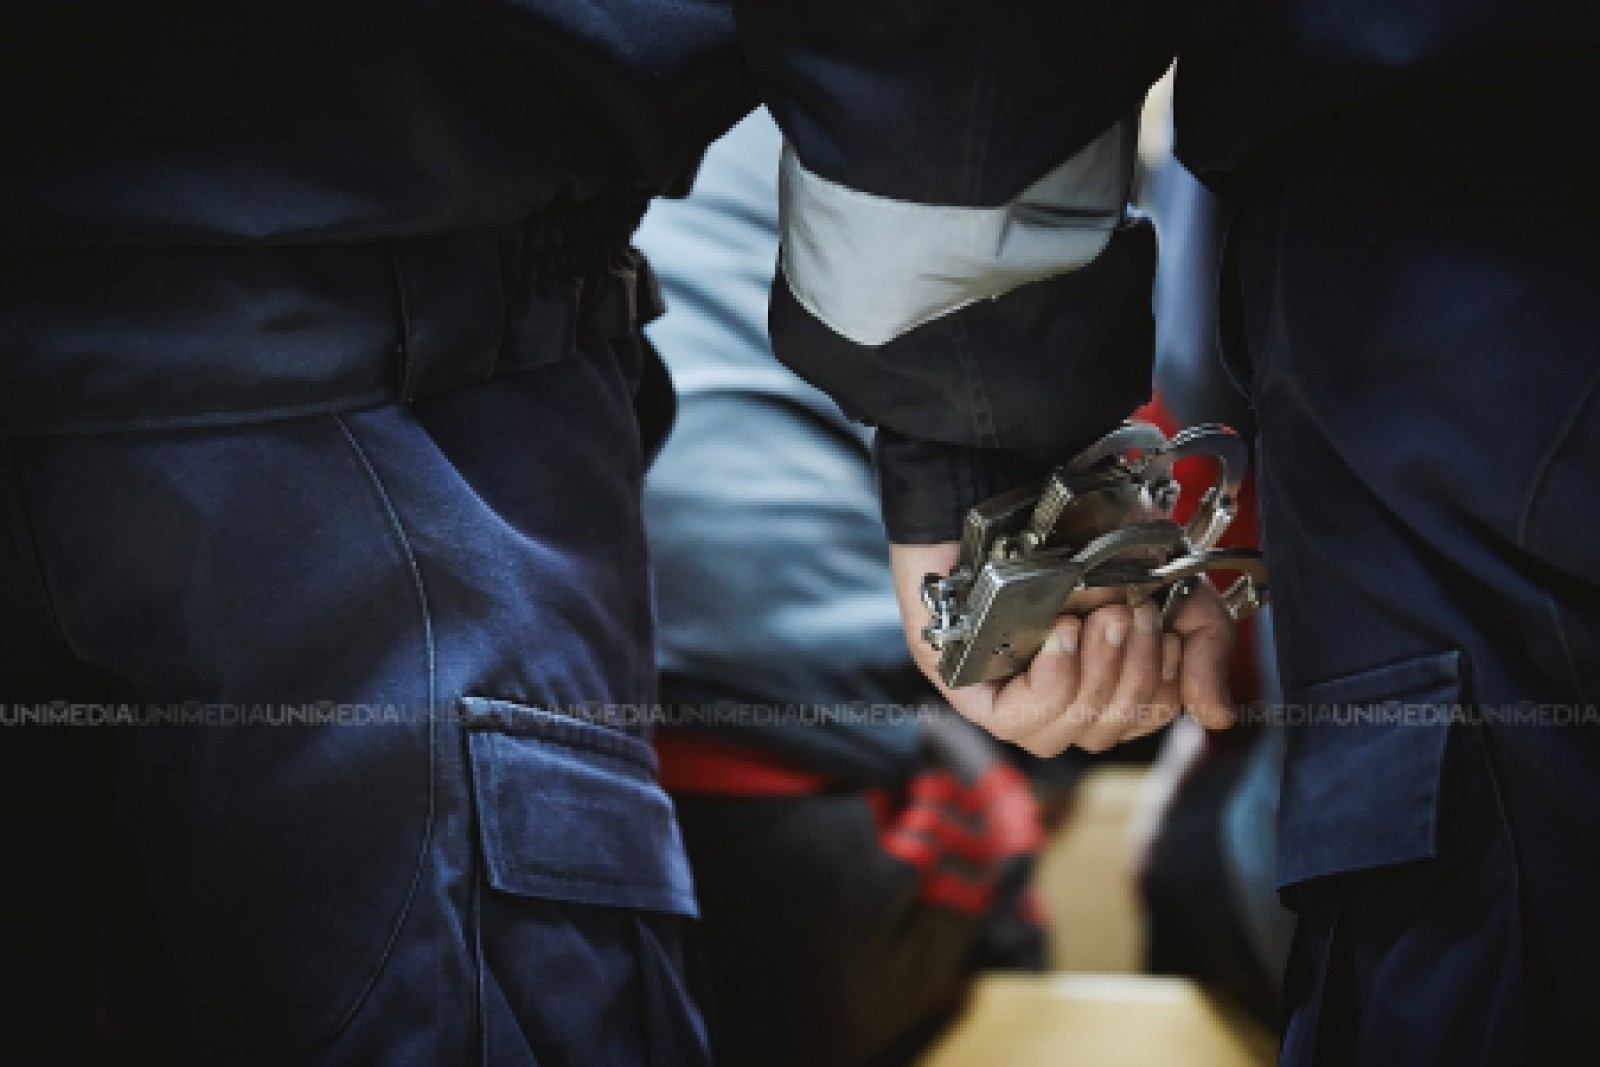 Cetățean ucrainean, condamnat în Republica Moldova pentru un accident rutier, soldat cu trei victime